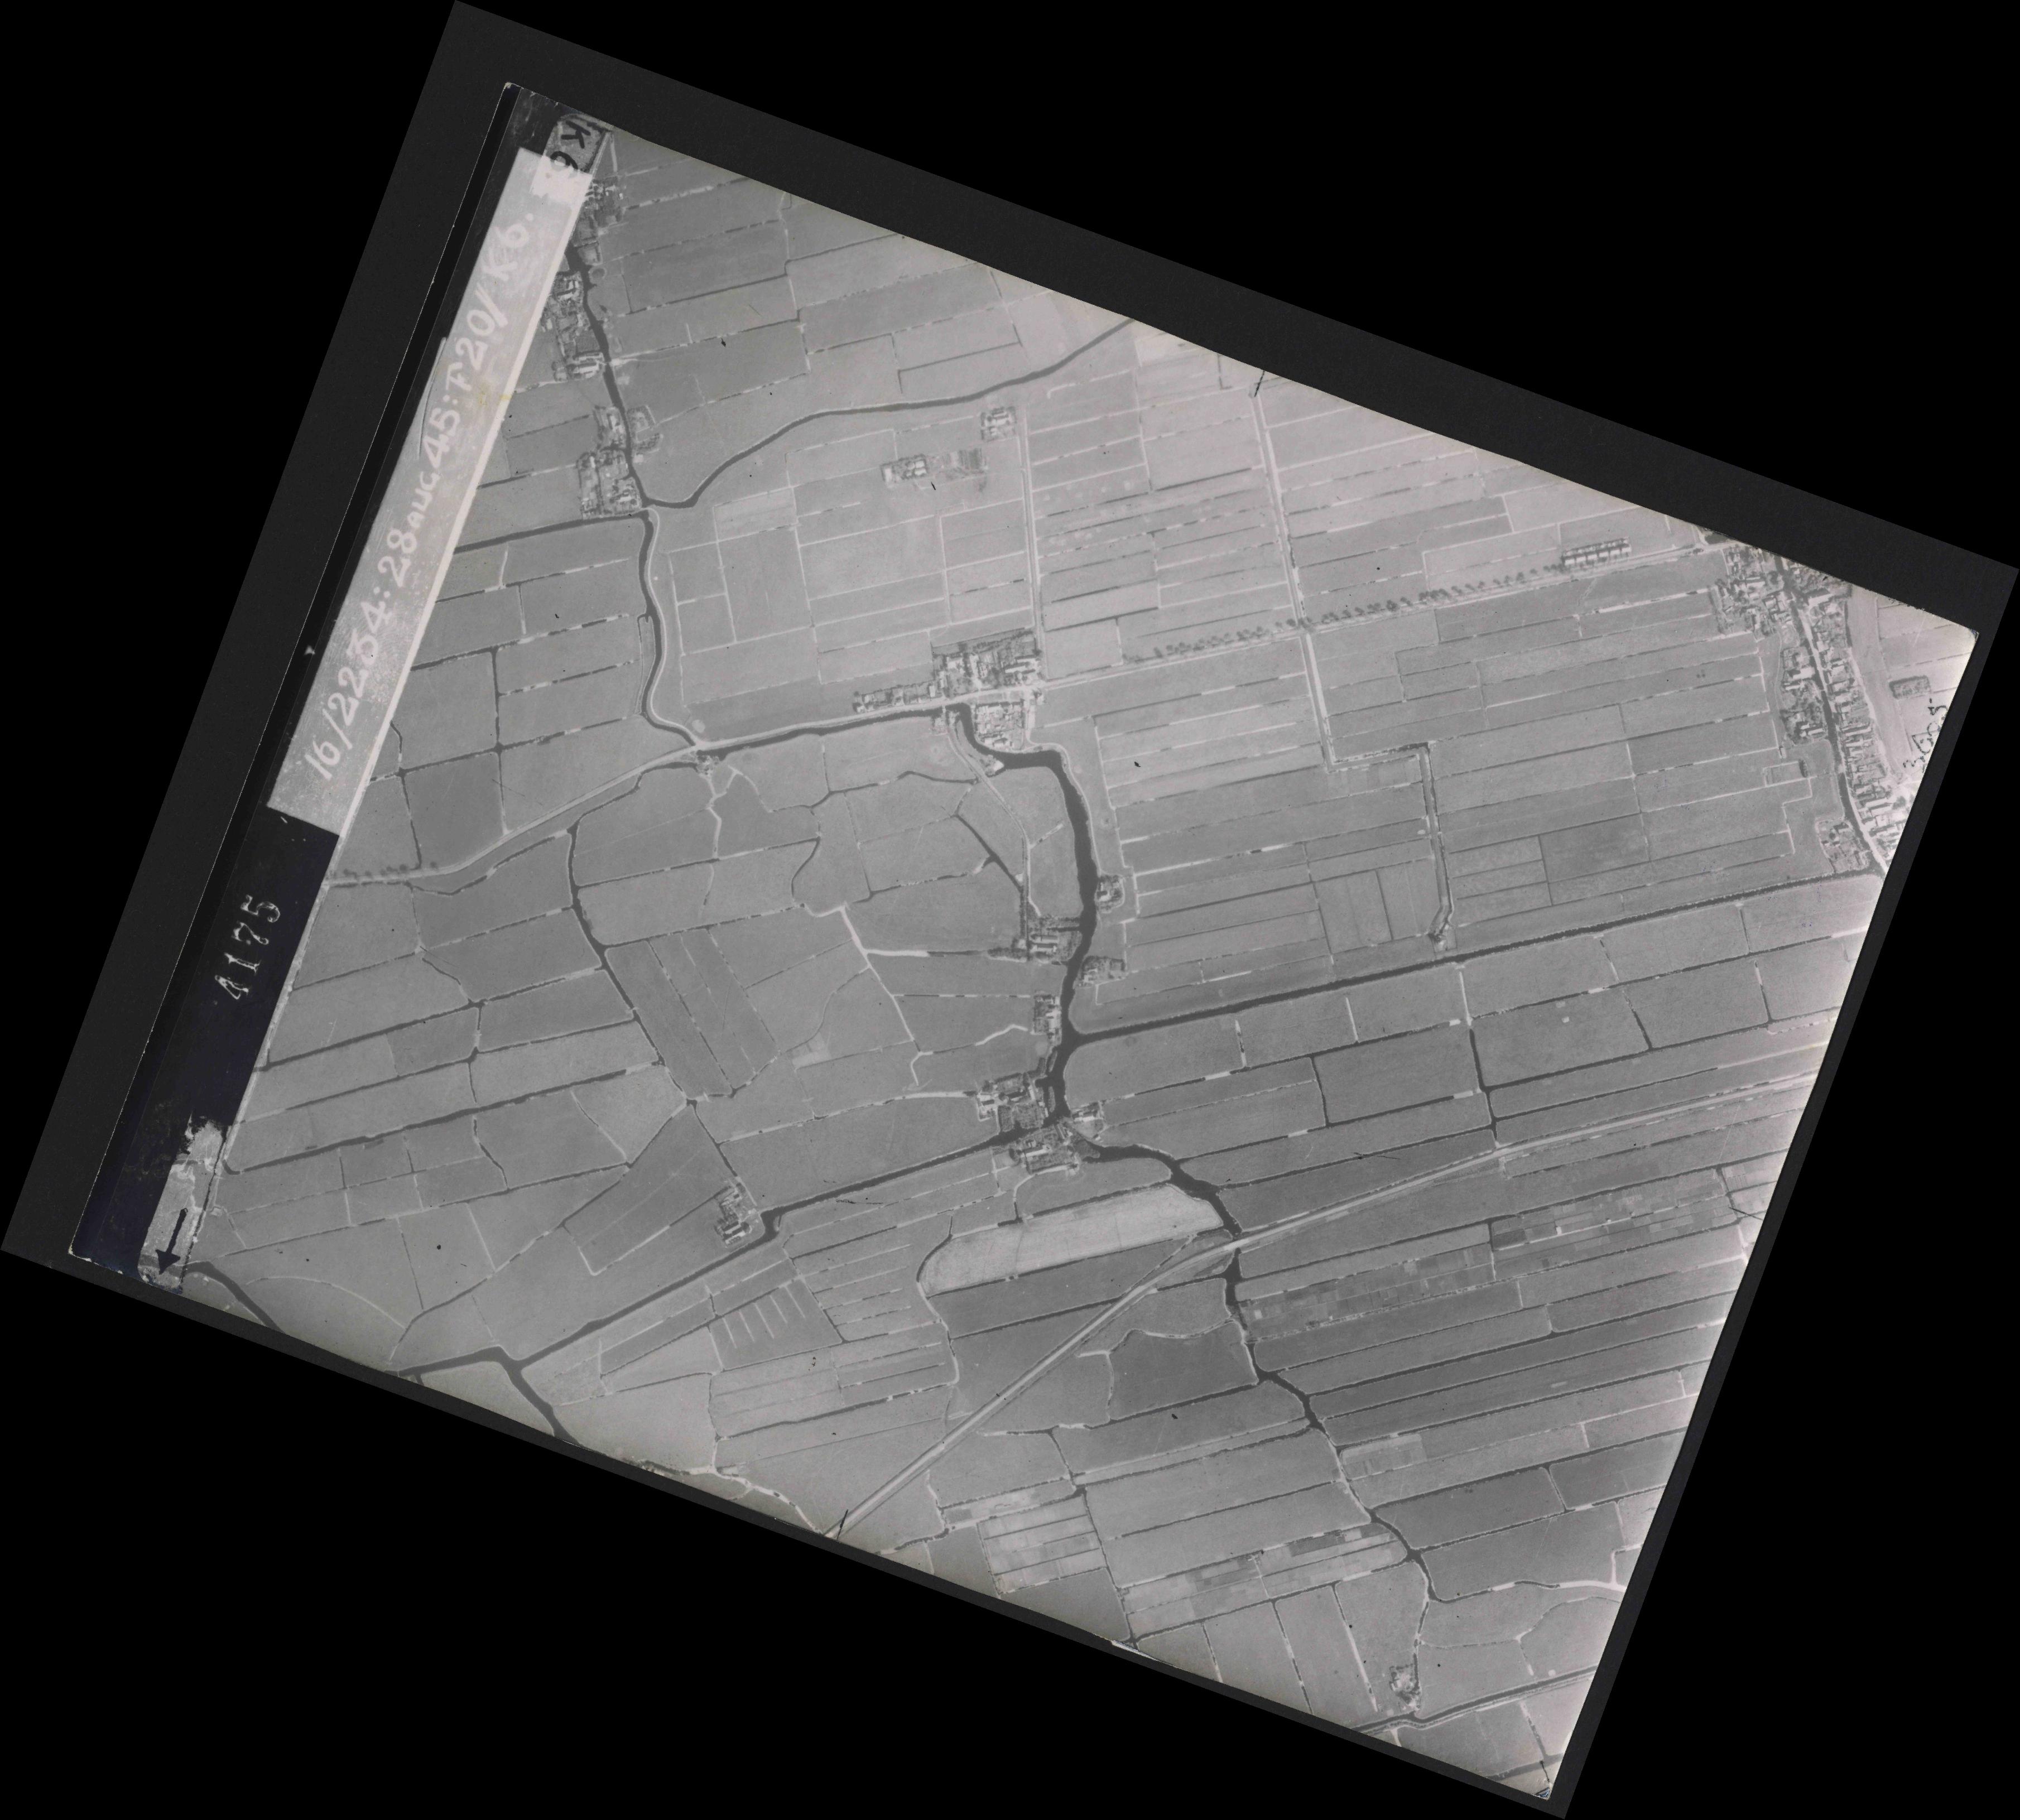 Collection RAF aerial photos 1940-1945 - flight 031, run 01, photo 4175